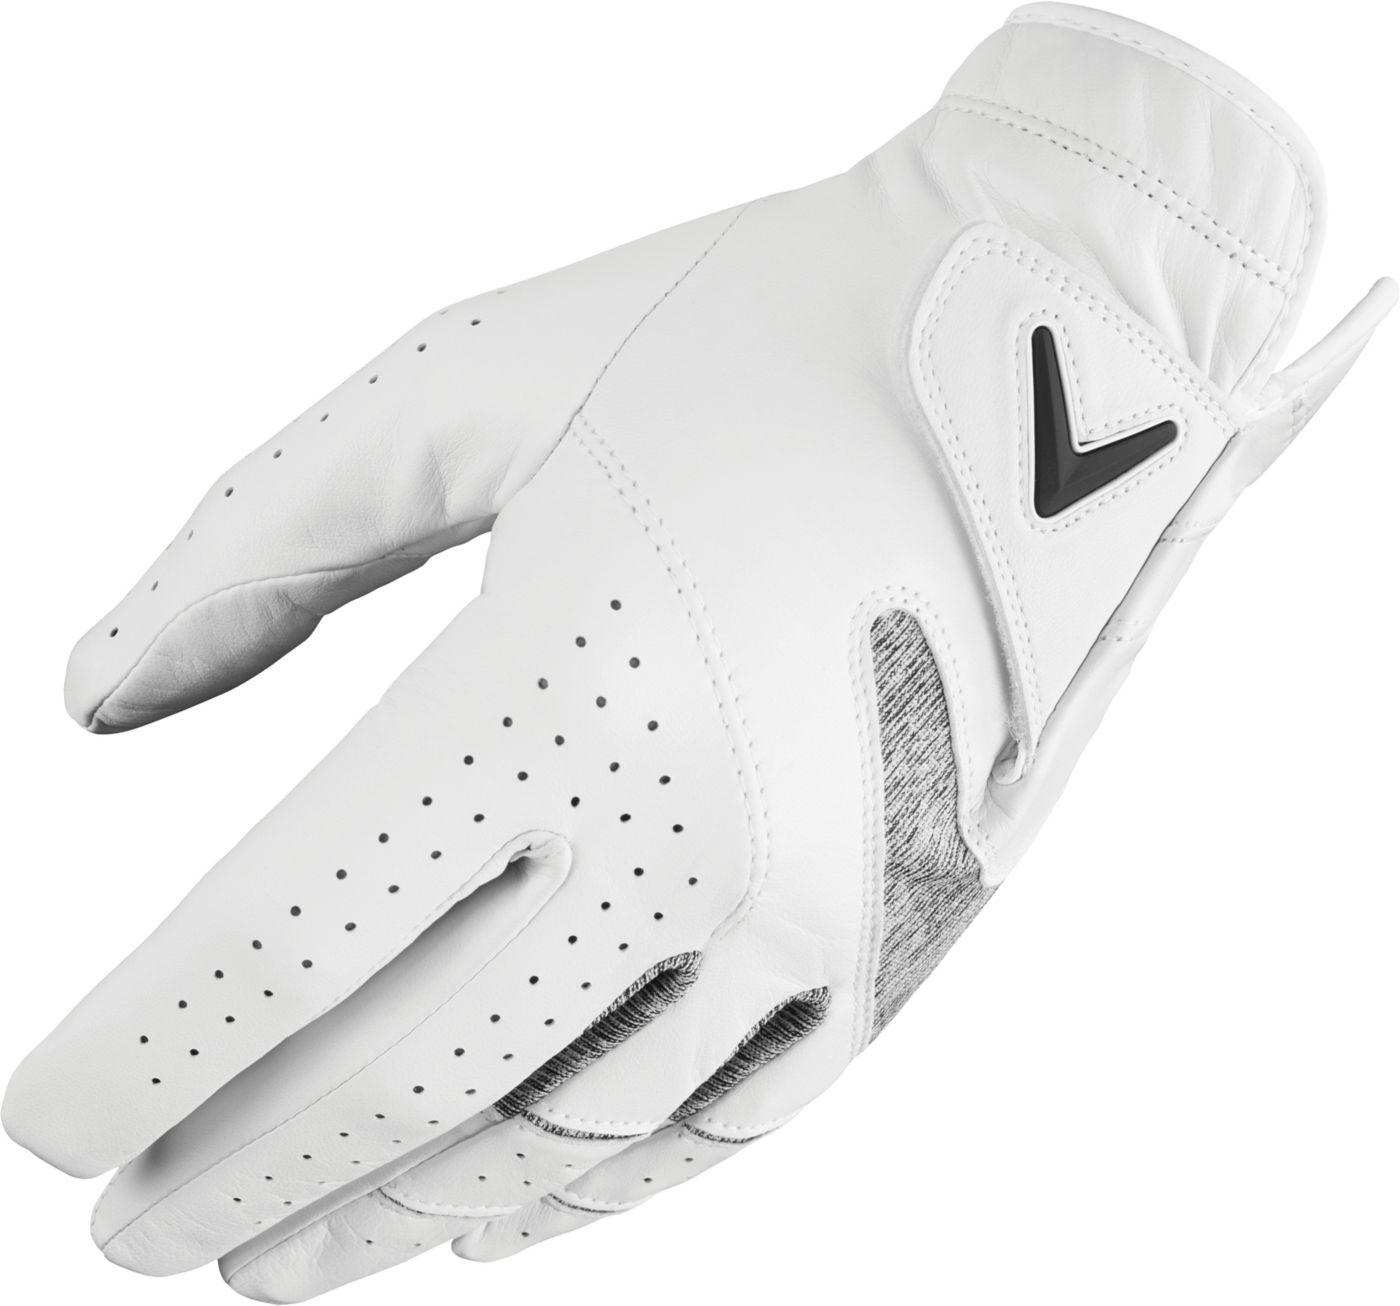 Callaway Apex Tour Golf Glove